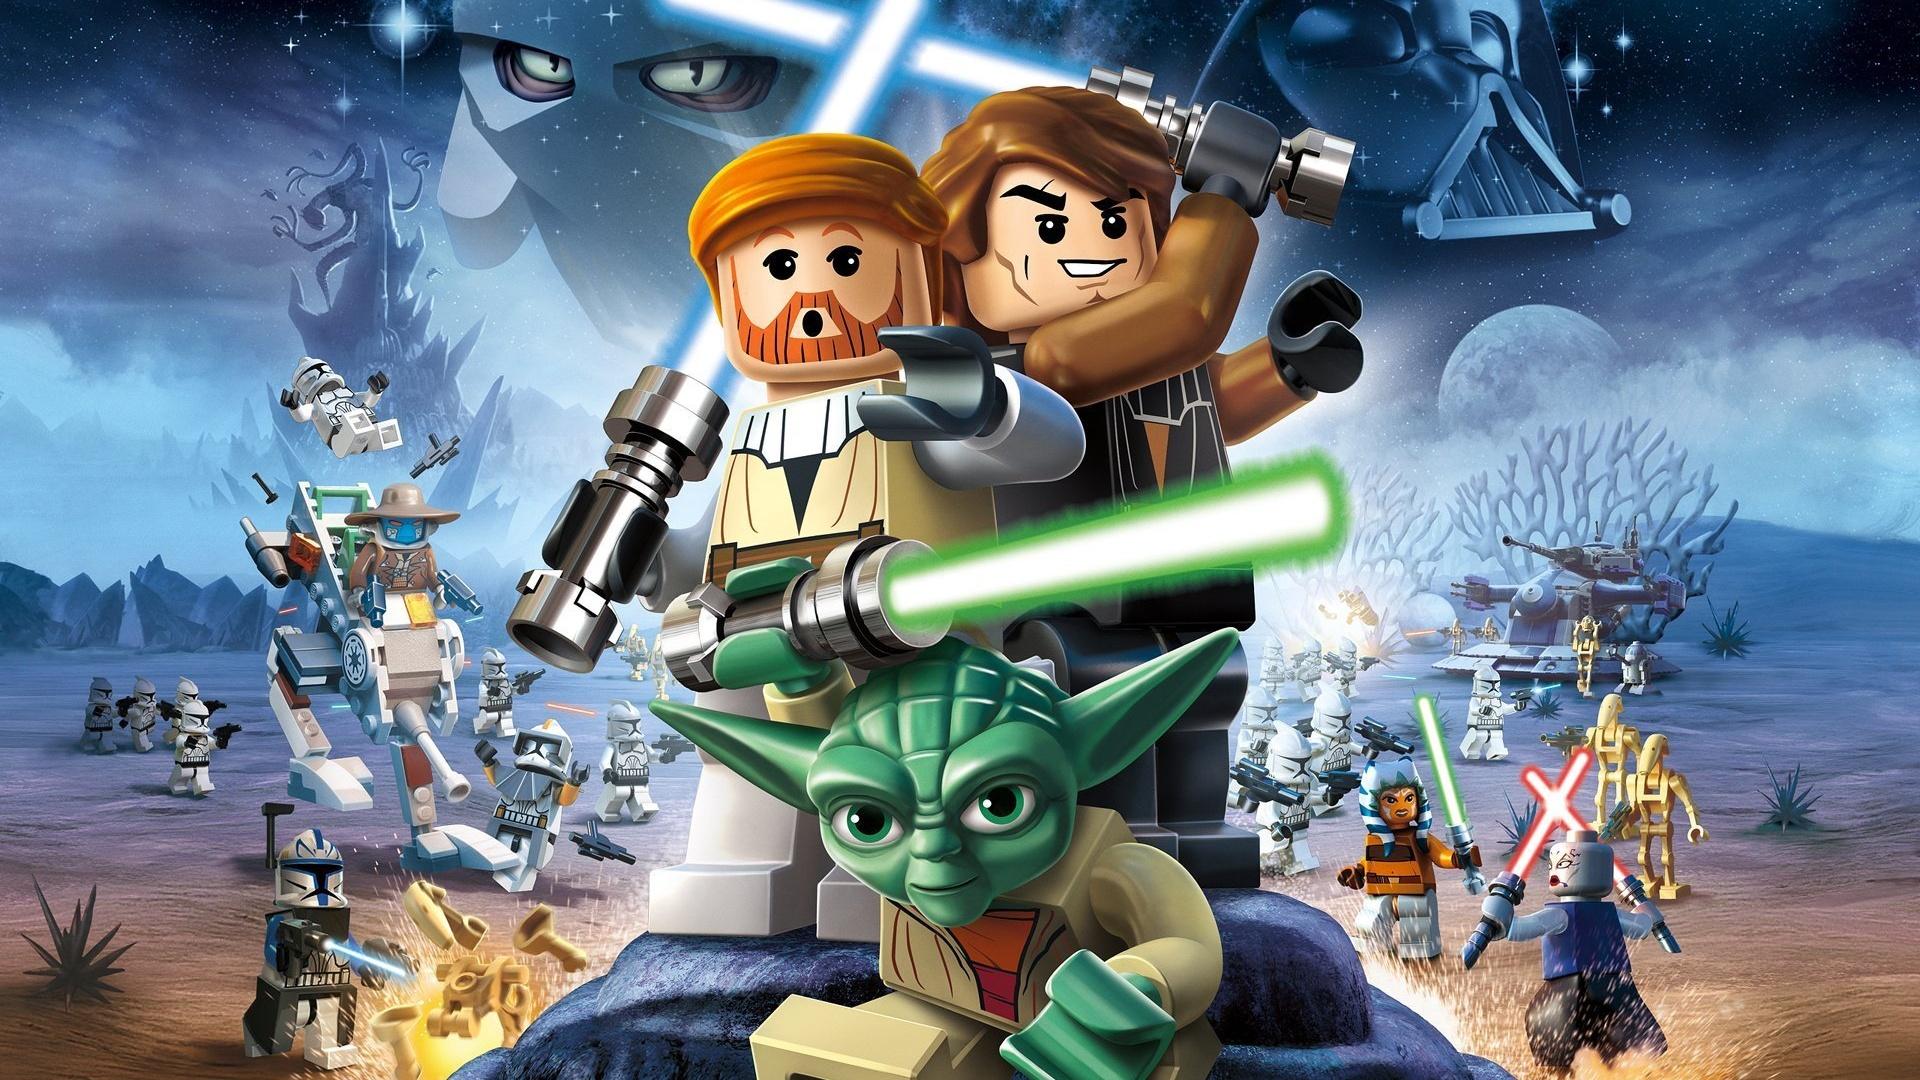 Wallpaper Lego Star Wars Iii The Clone Wars 1920x1200 Hd